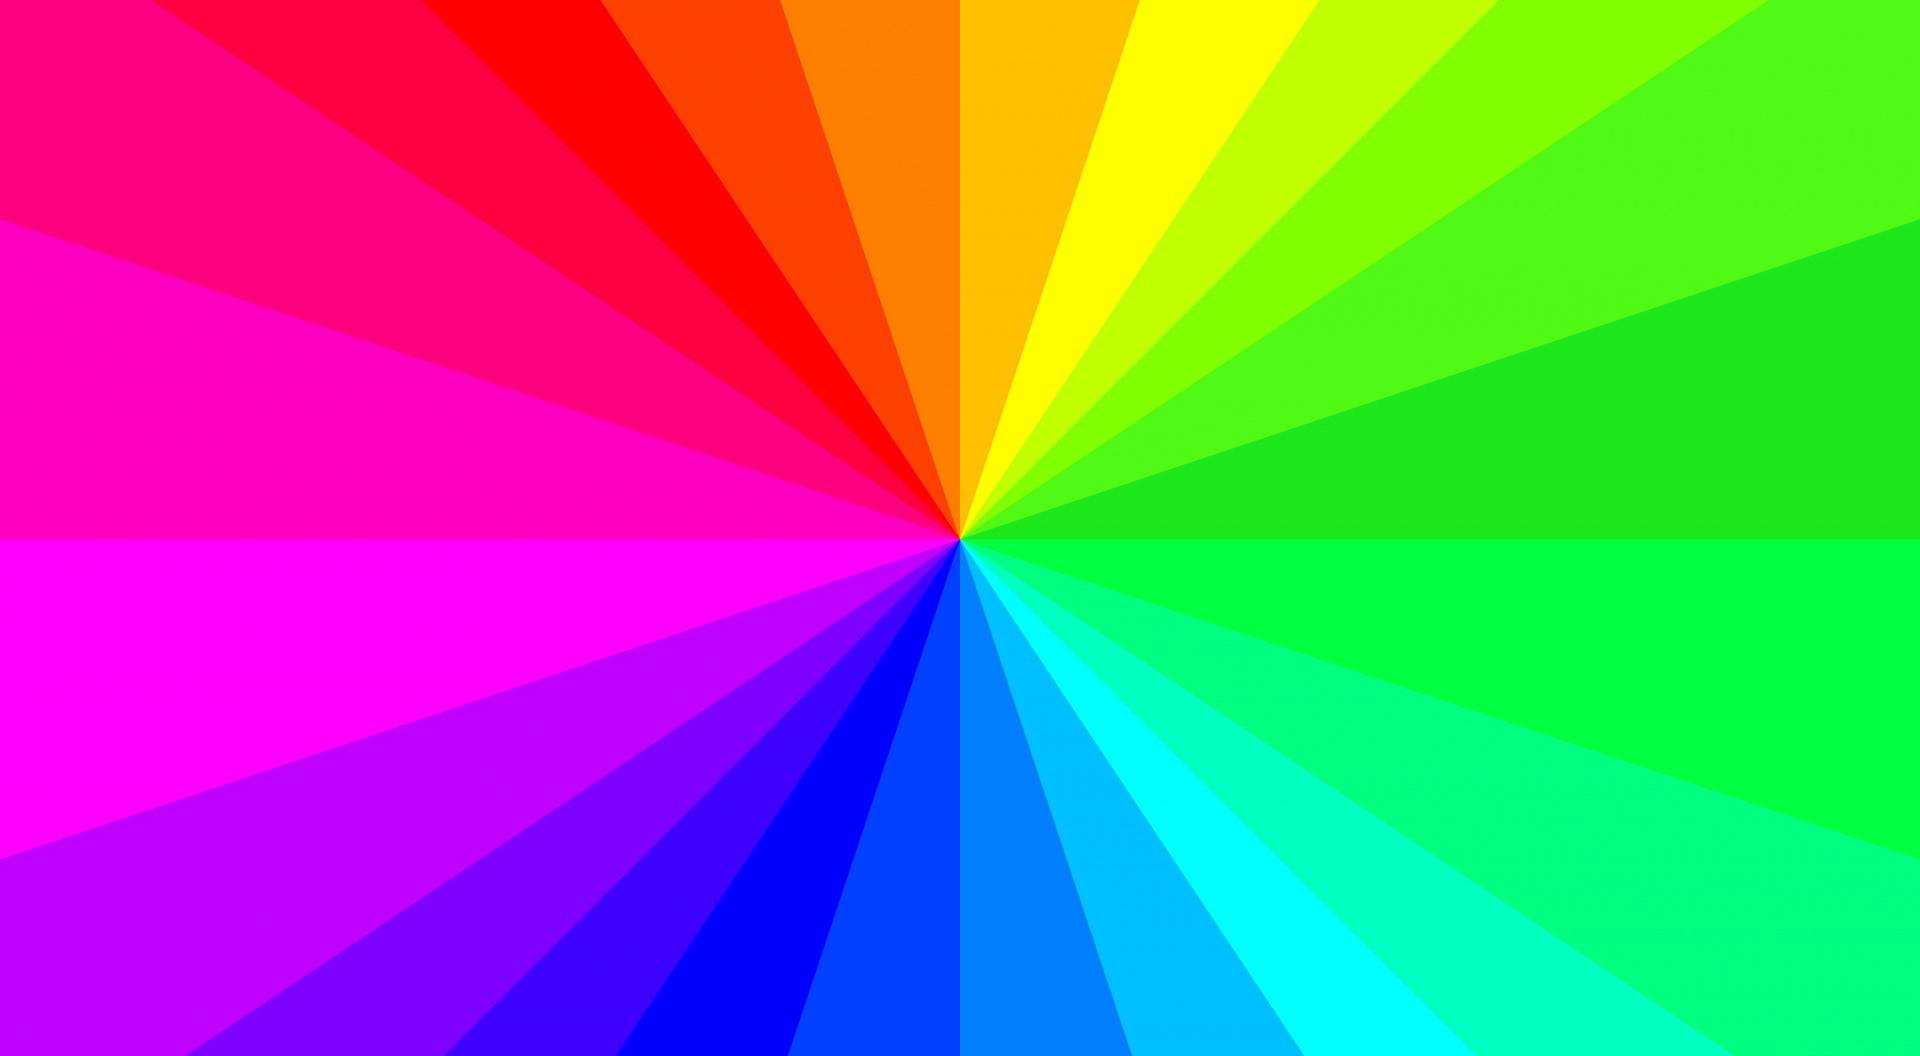 Amazing 3d Wallpapers 1080p Free Download Rainbow Backgrounds Pixelstalk Net